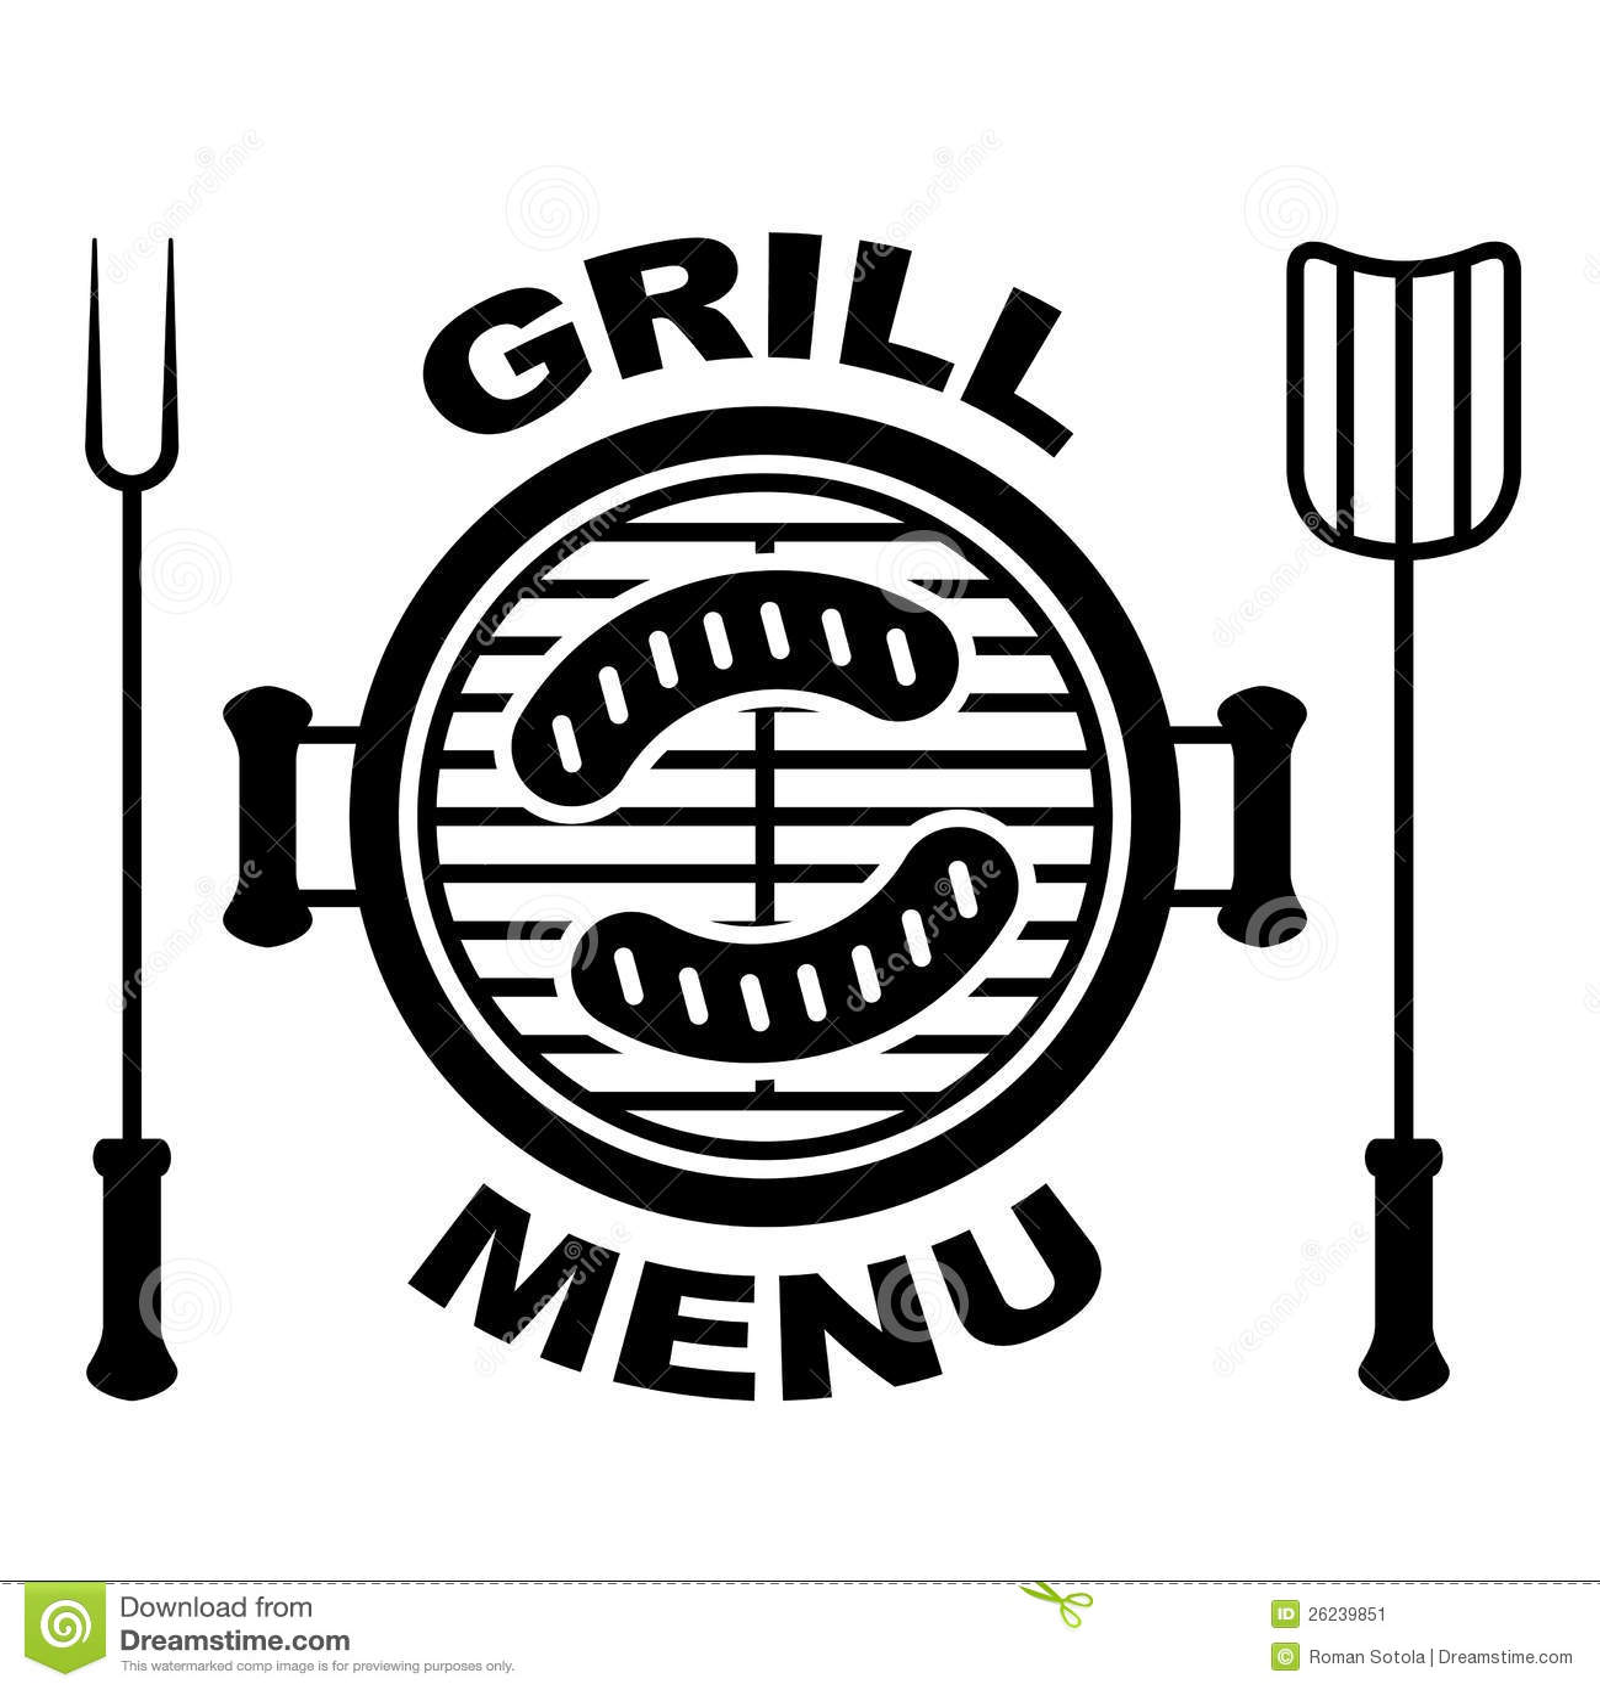 grill menu symbol stock image image 26239851. Black Bedroom Furniture Sets. Home Design Ideas